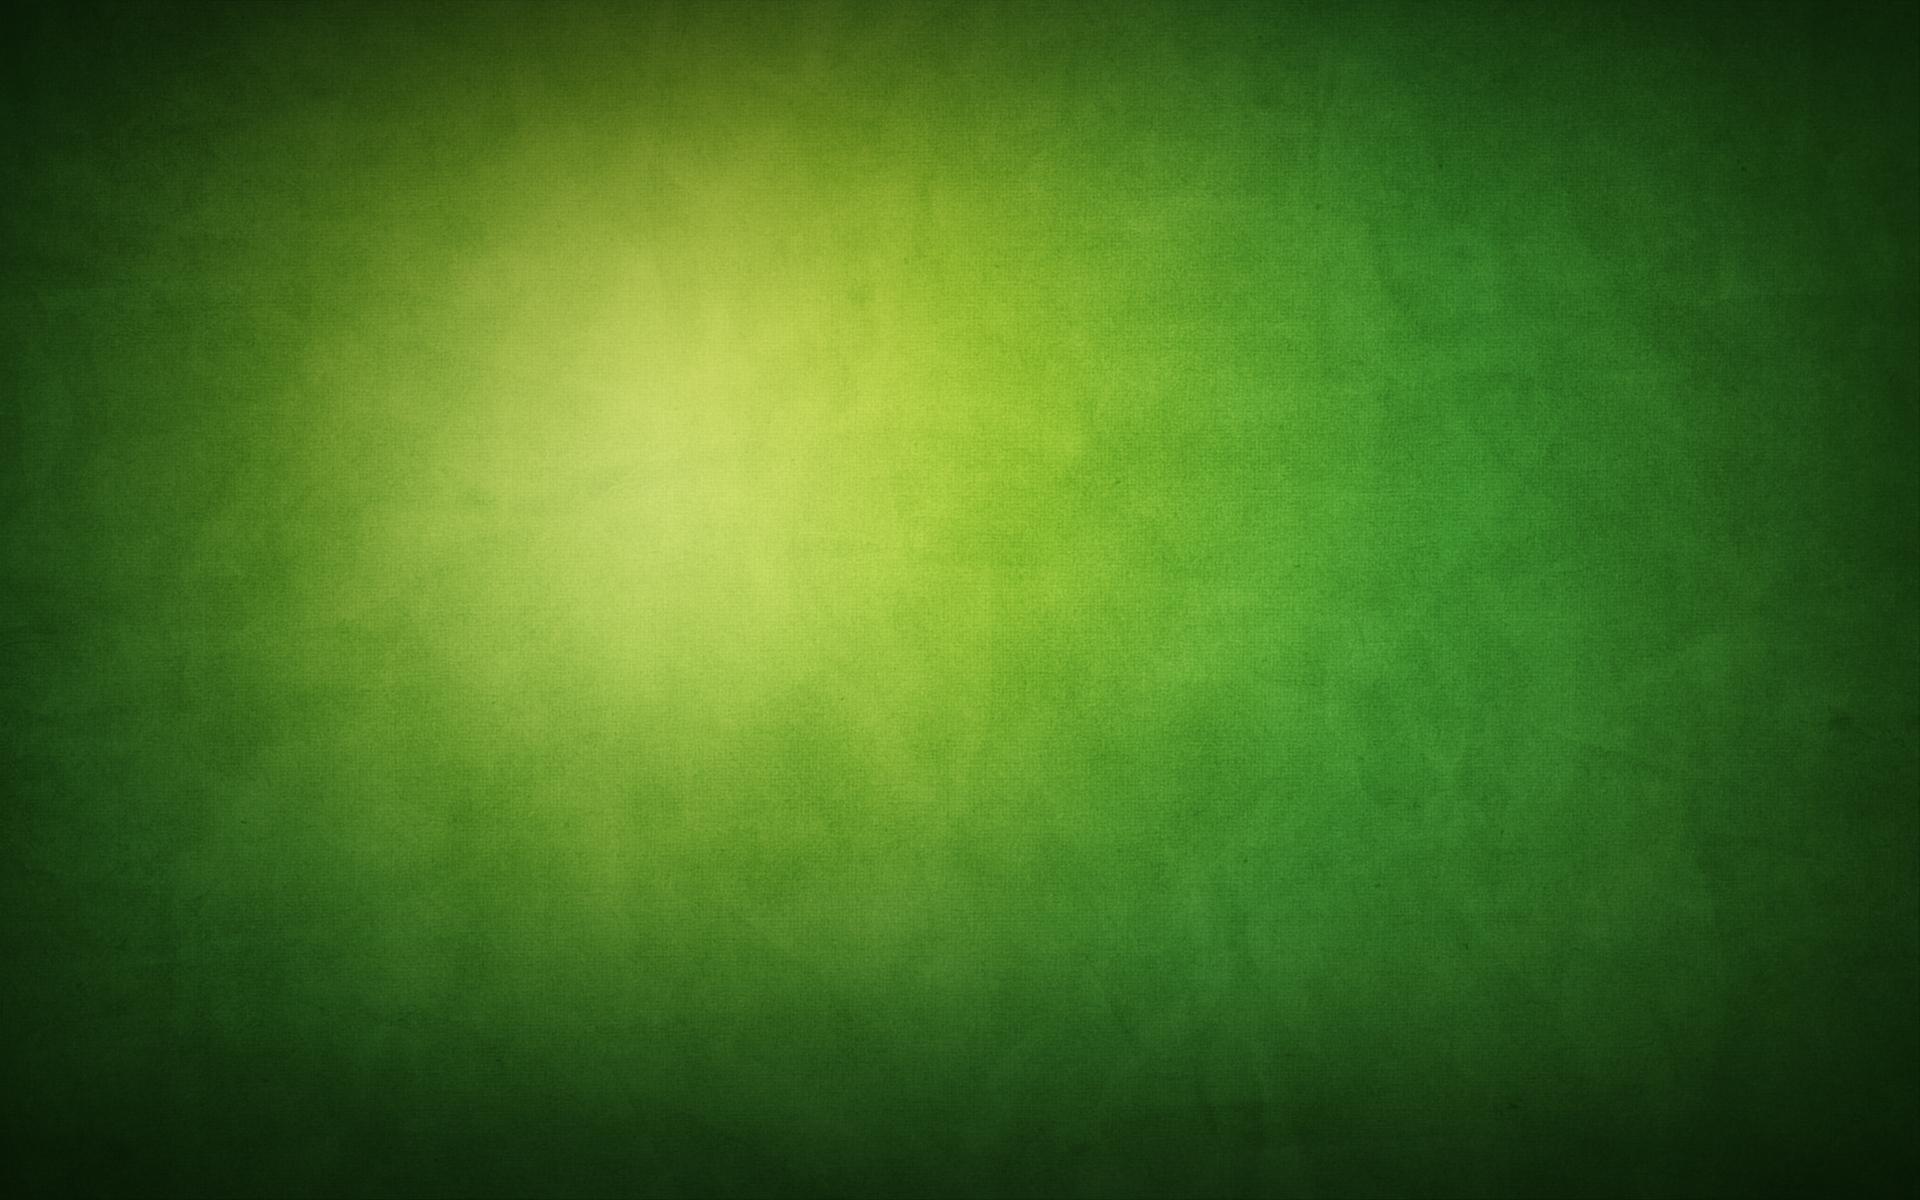 ... Green Wallpaper 3 ...